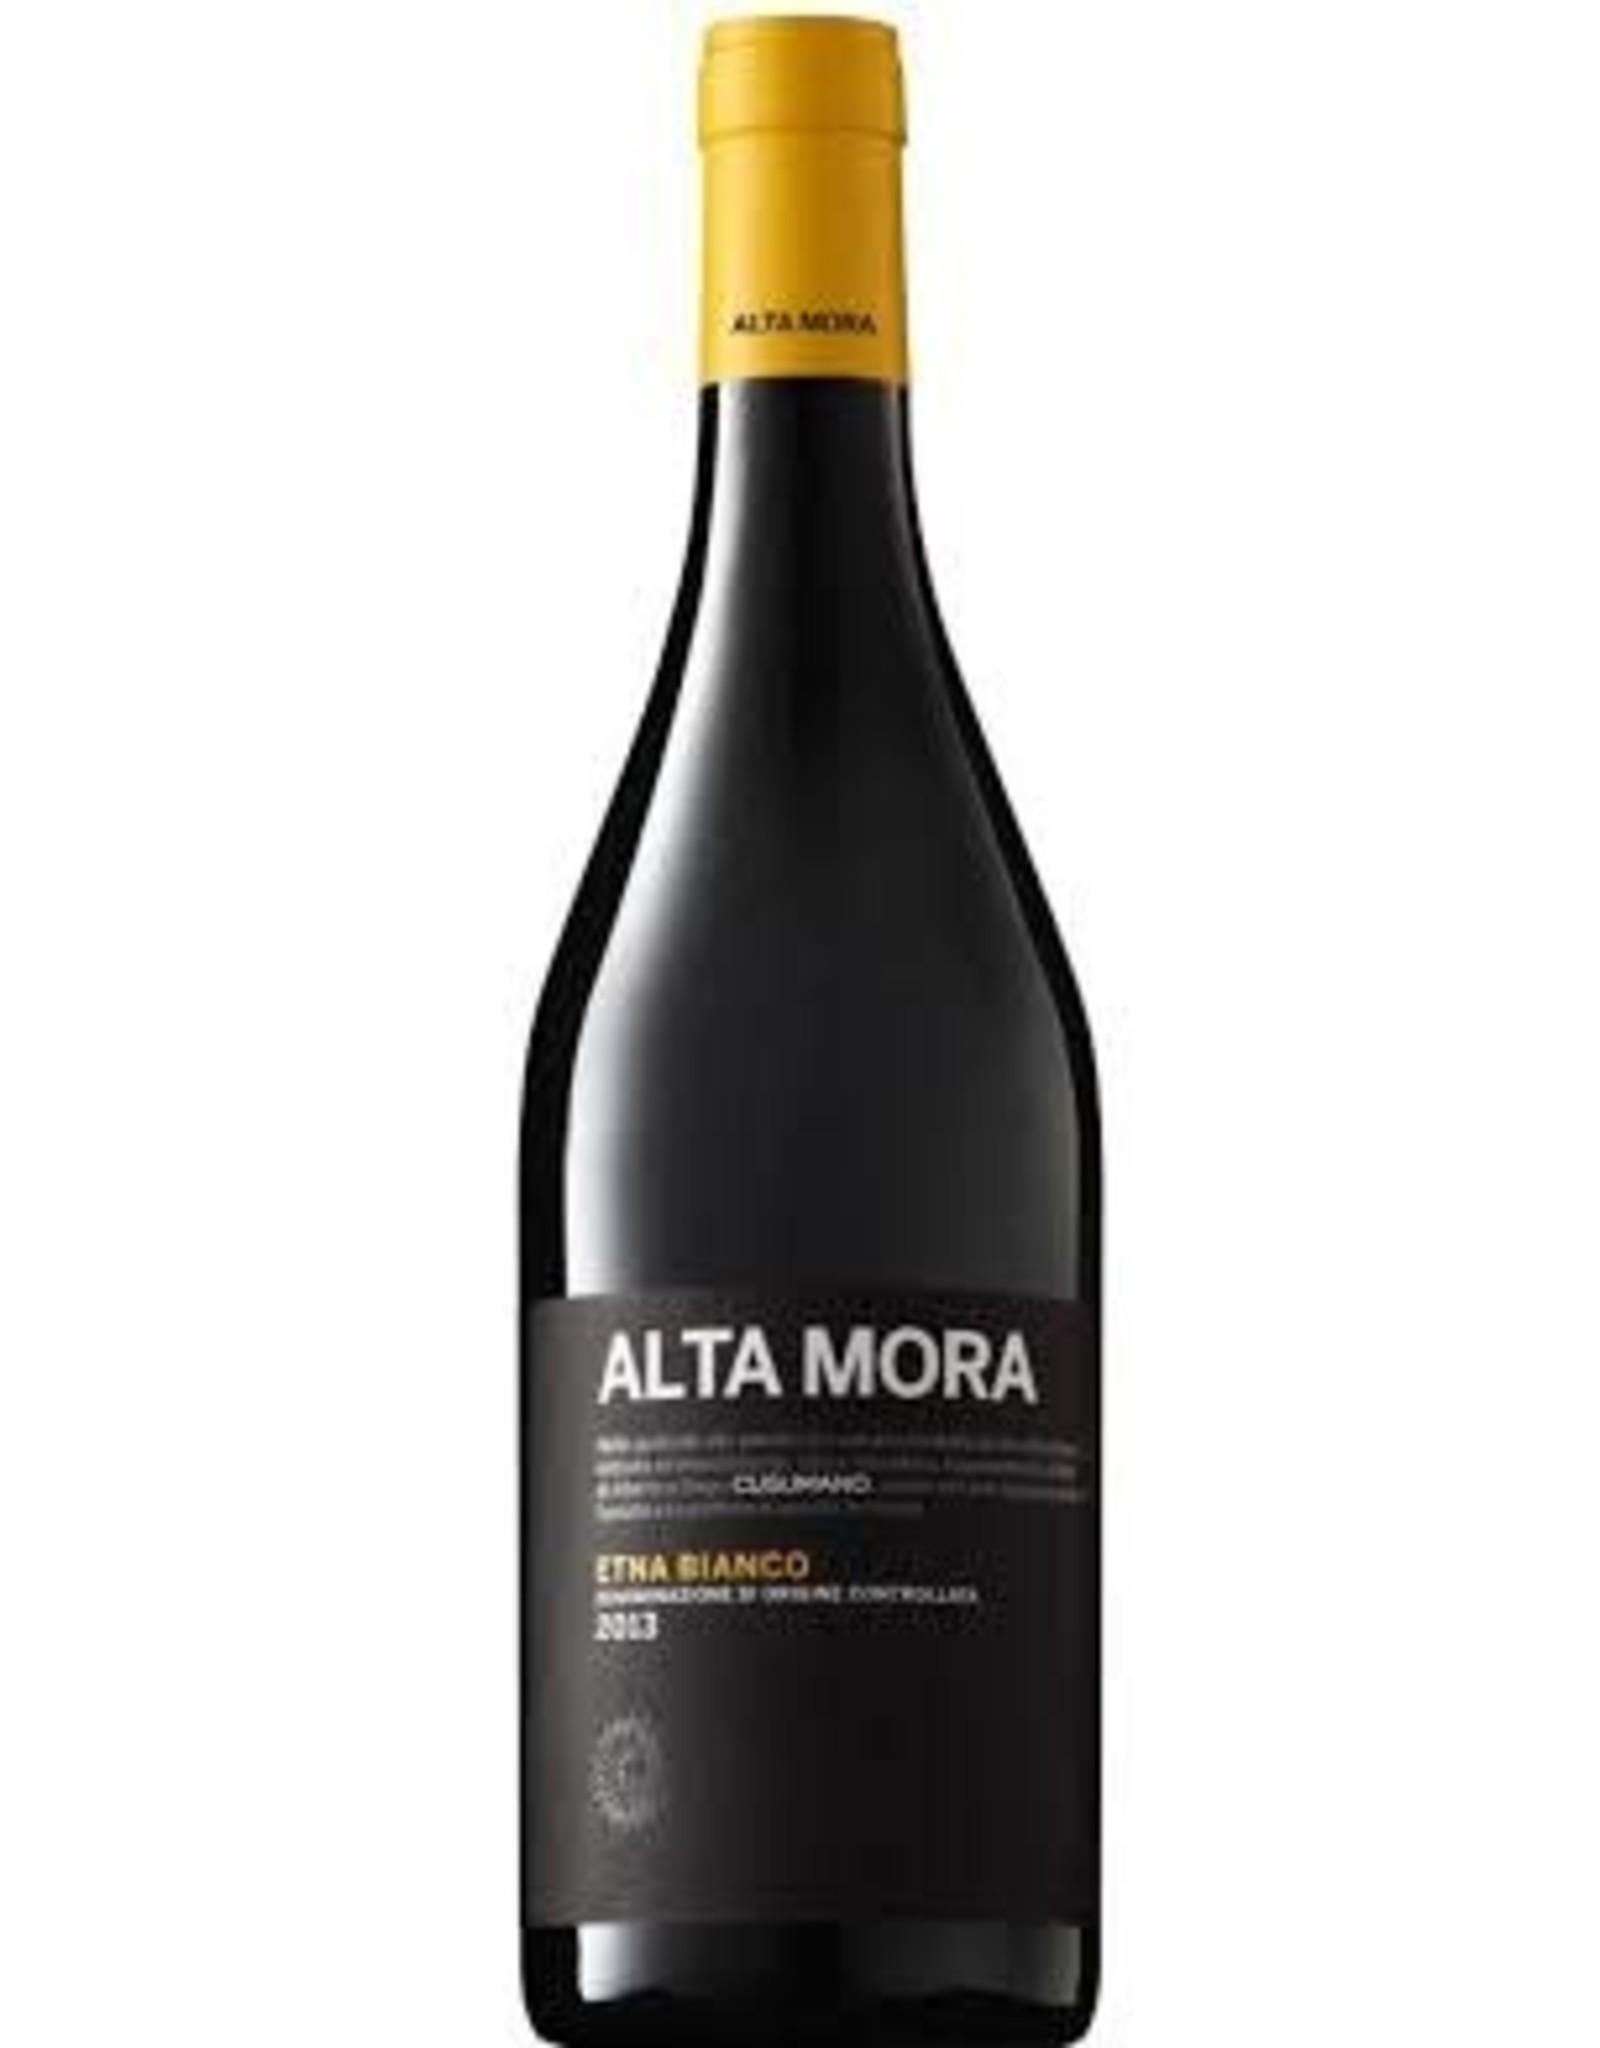 Alta Mora Etna Bianco 2013